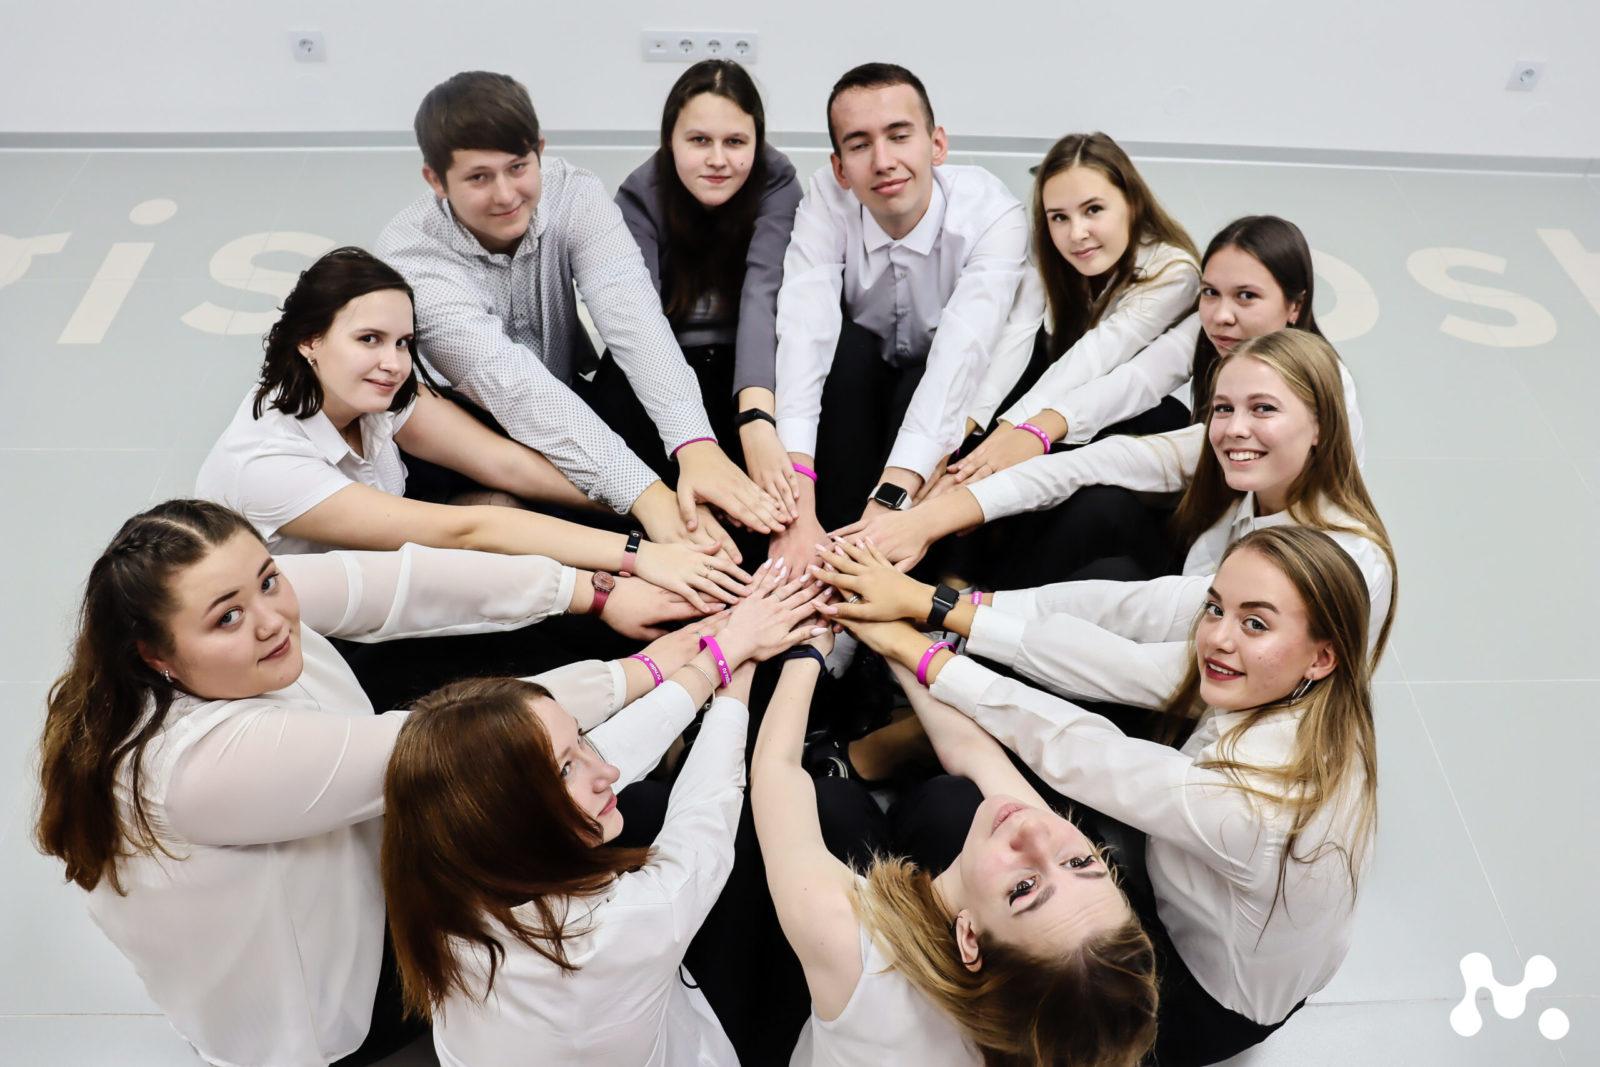 «Лучшая академическая группа УрГПУ»: победили дружба, юмор и профессионализм